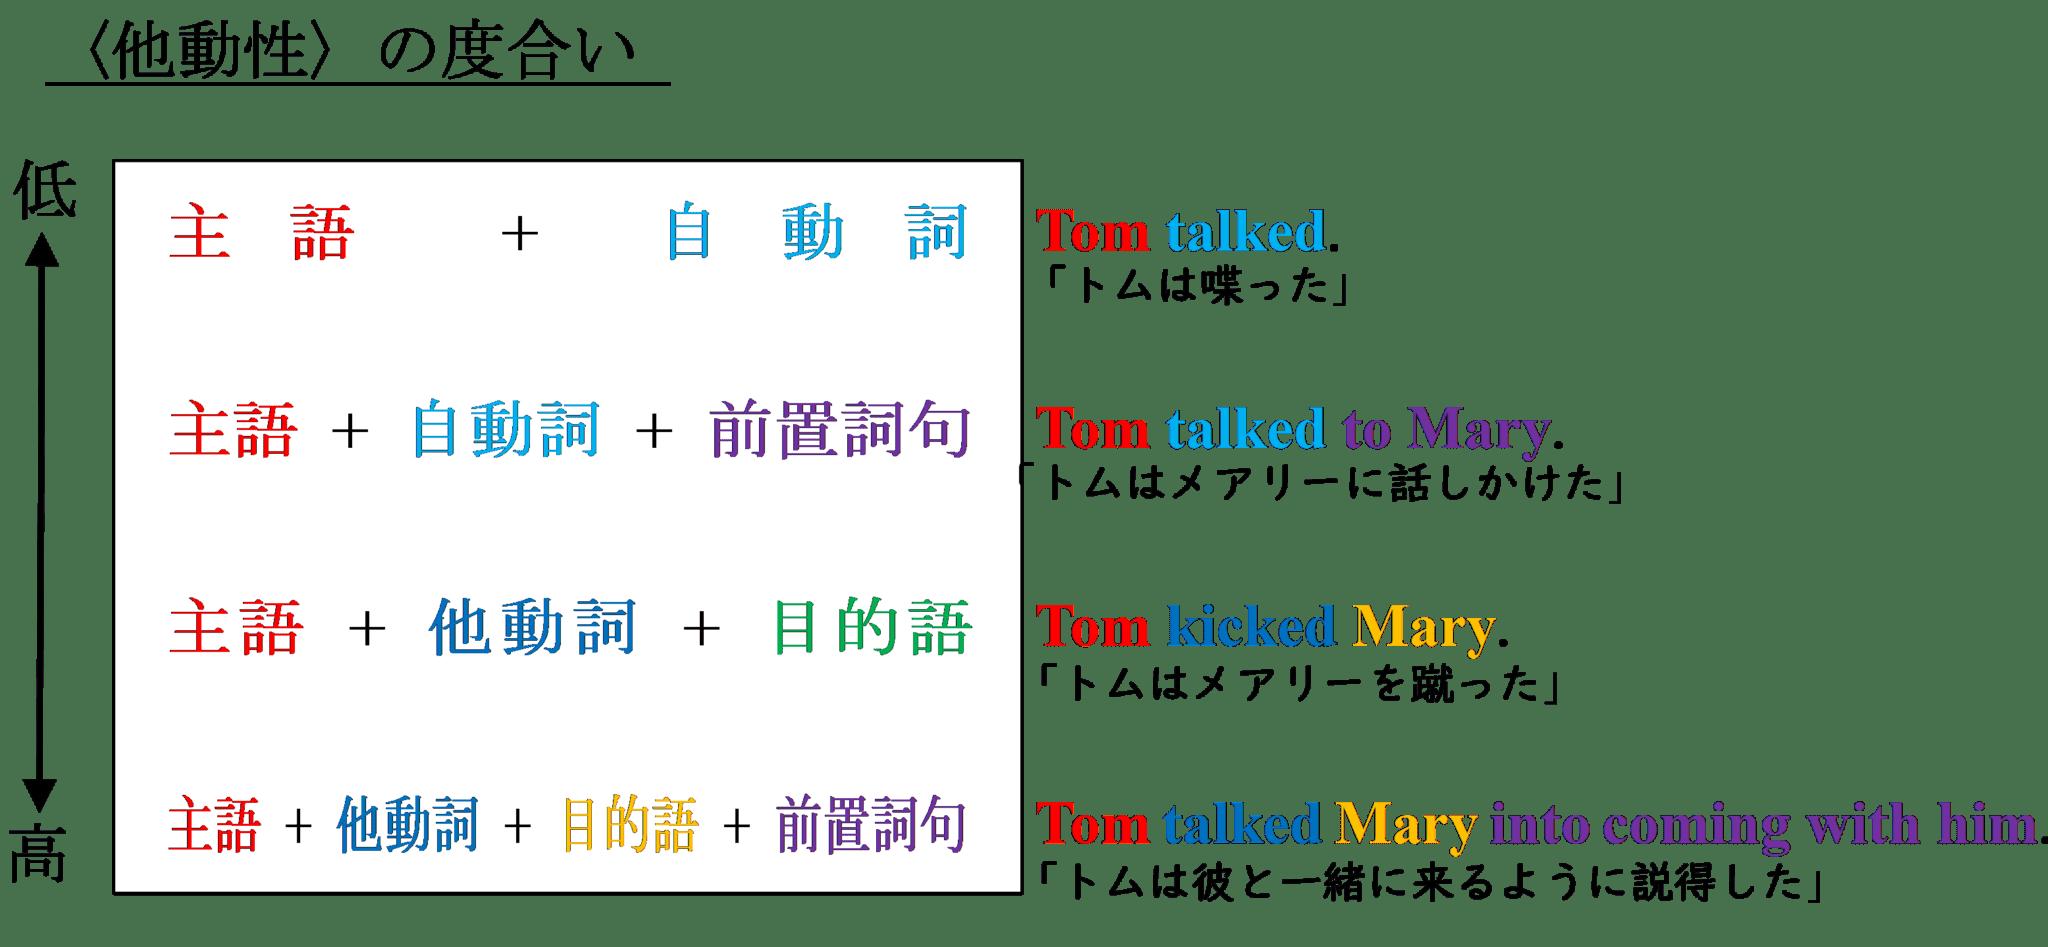 他動性の値を決める文法構造